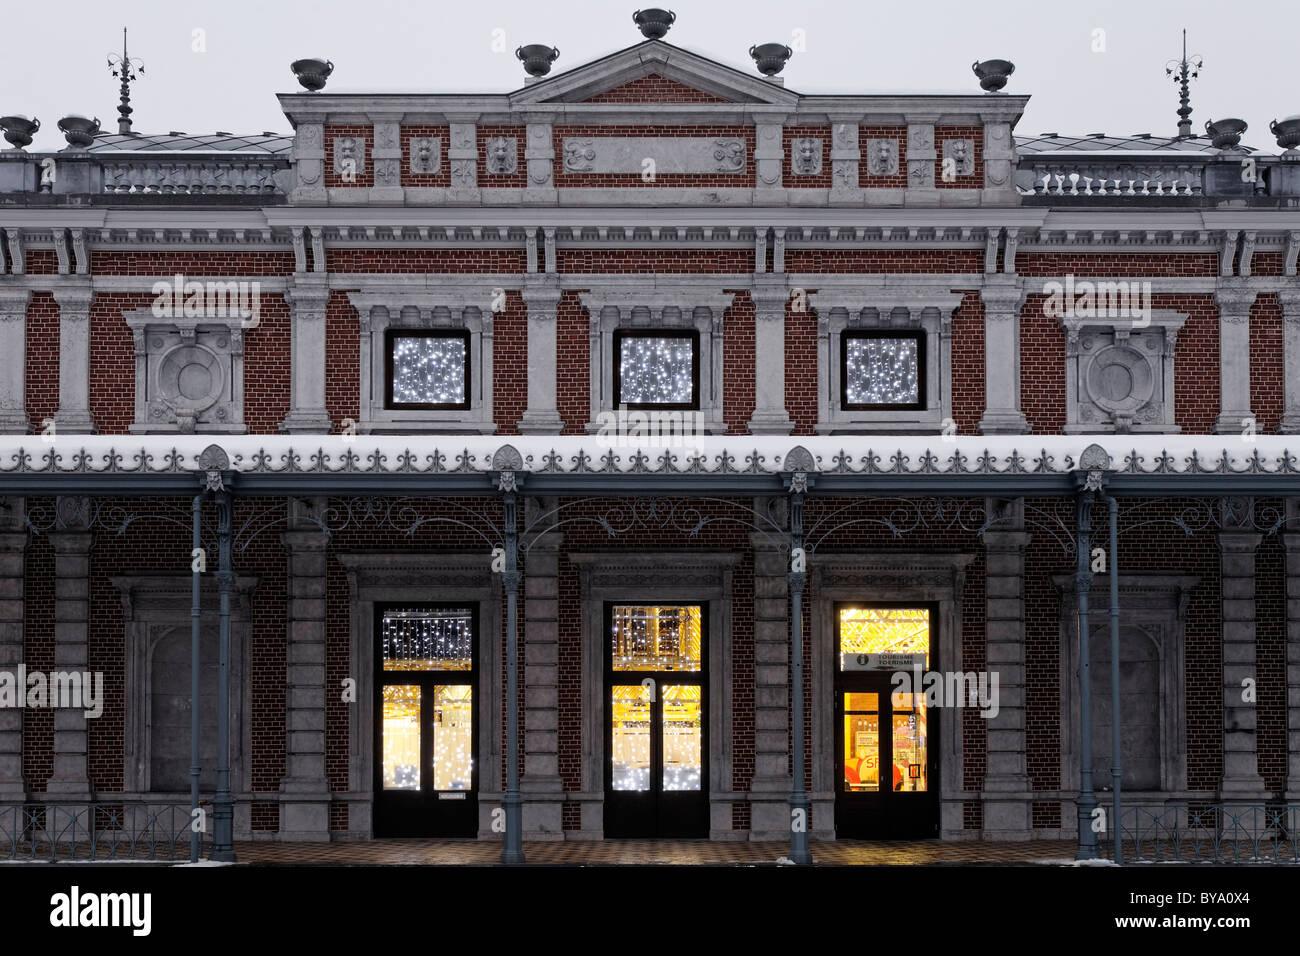 Le pavillon historique dans les jardins du spa, Parc de sept heures spa gardens, centre de santé, région des Ardennes, province de Liège Banque D'Images